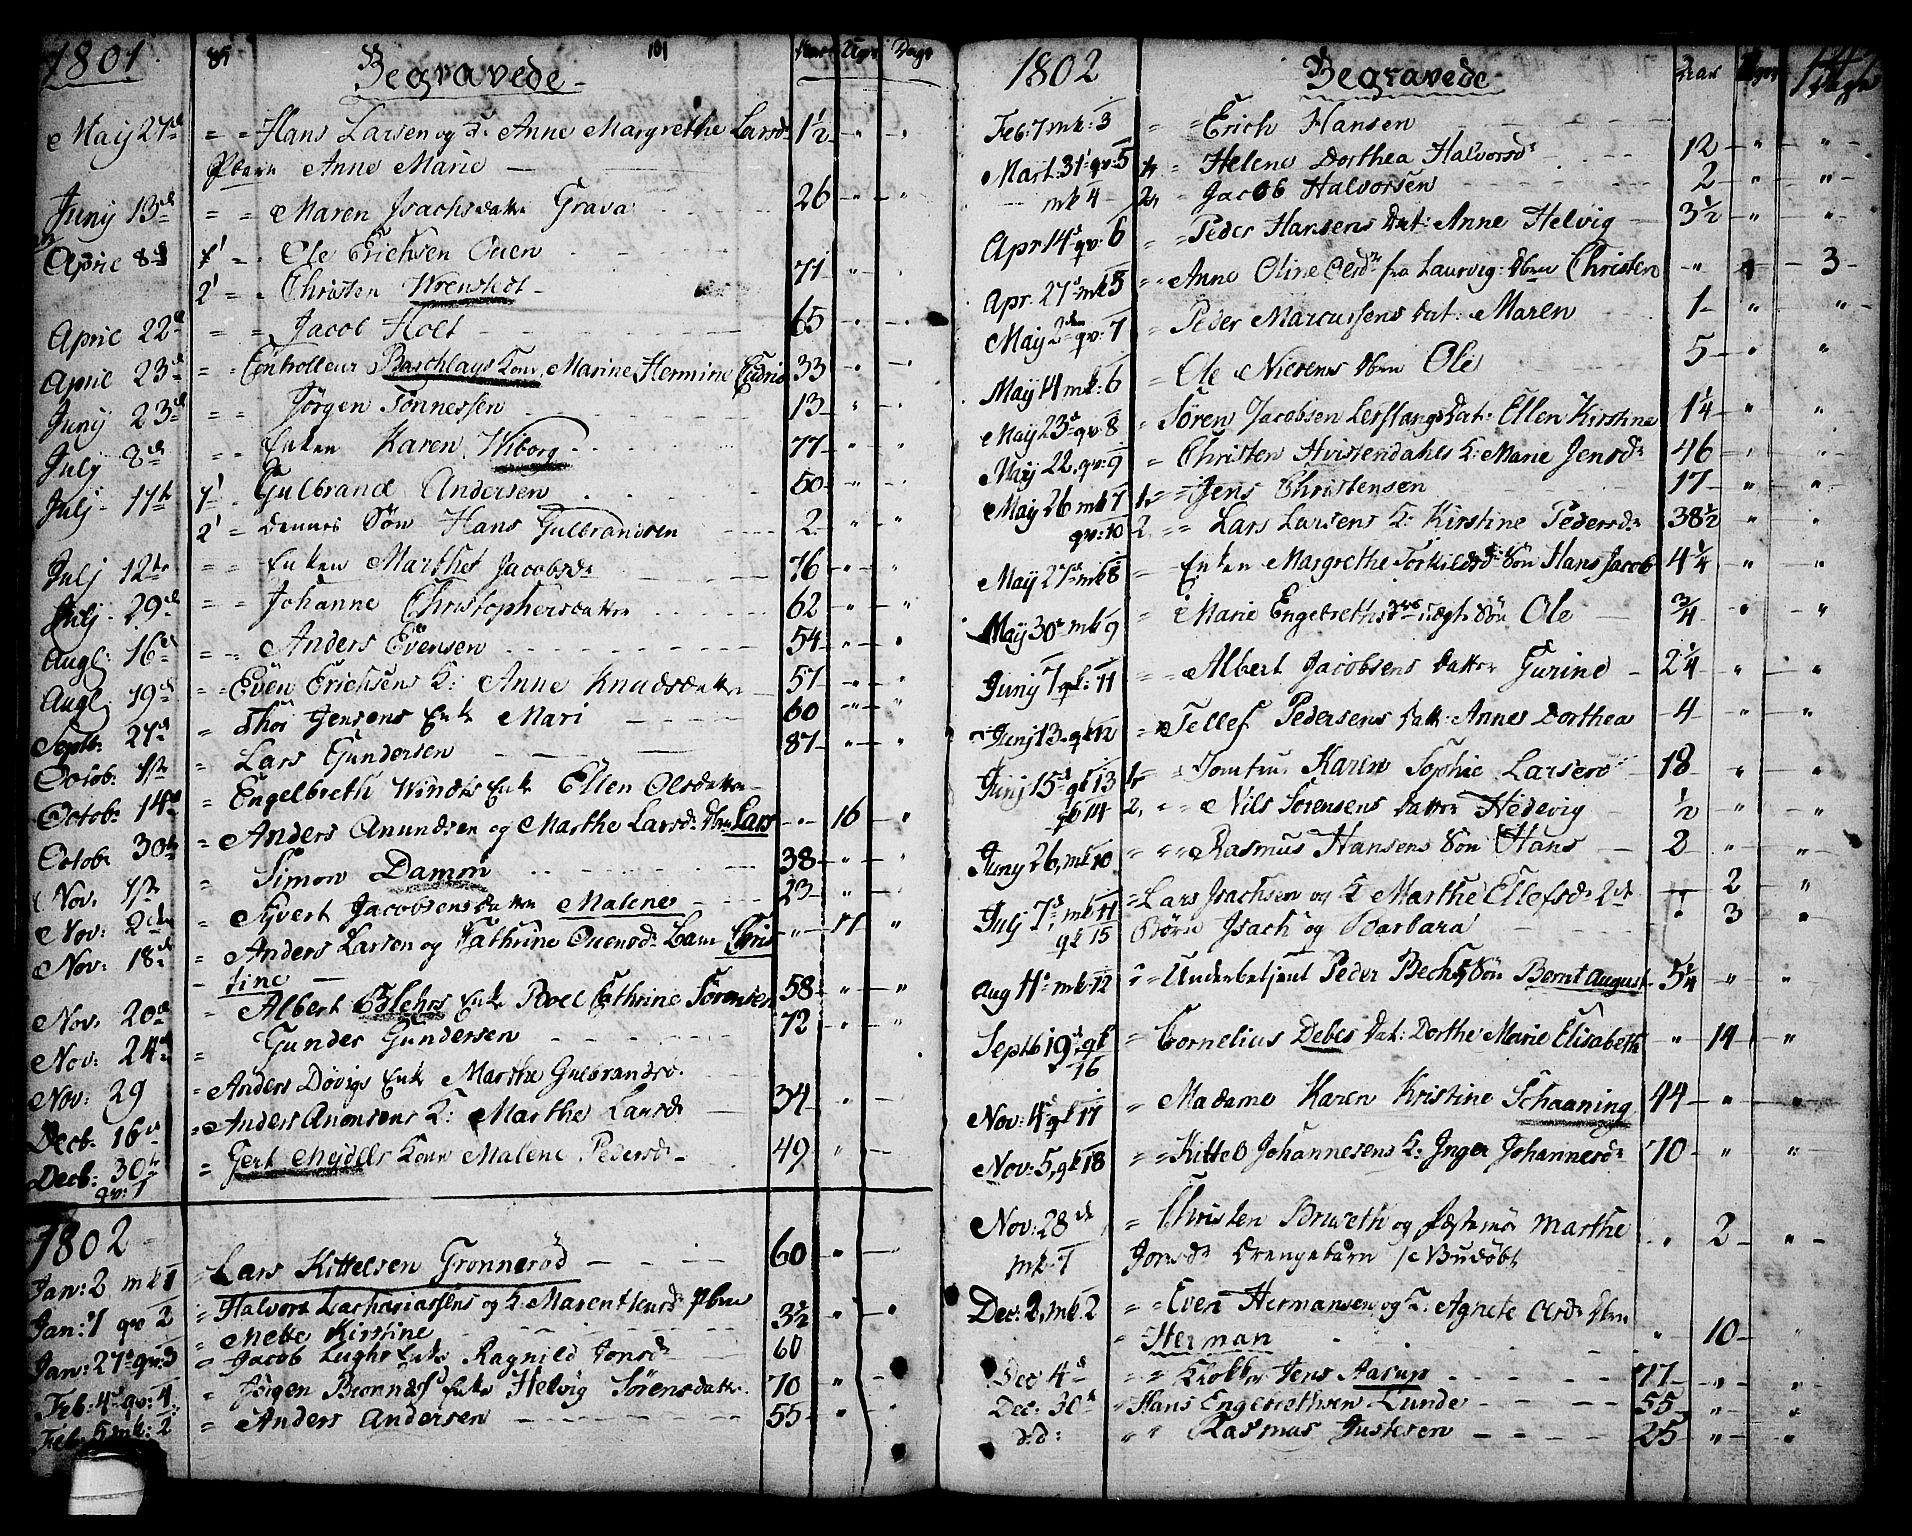 SAKO, Brevik kirkebøker, F/Fa/L0003: Ministerialbok nr. 3, 1764-1814, s. 147